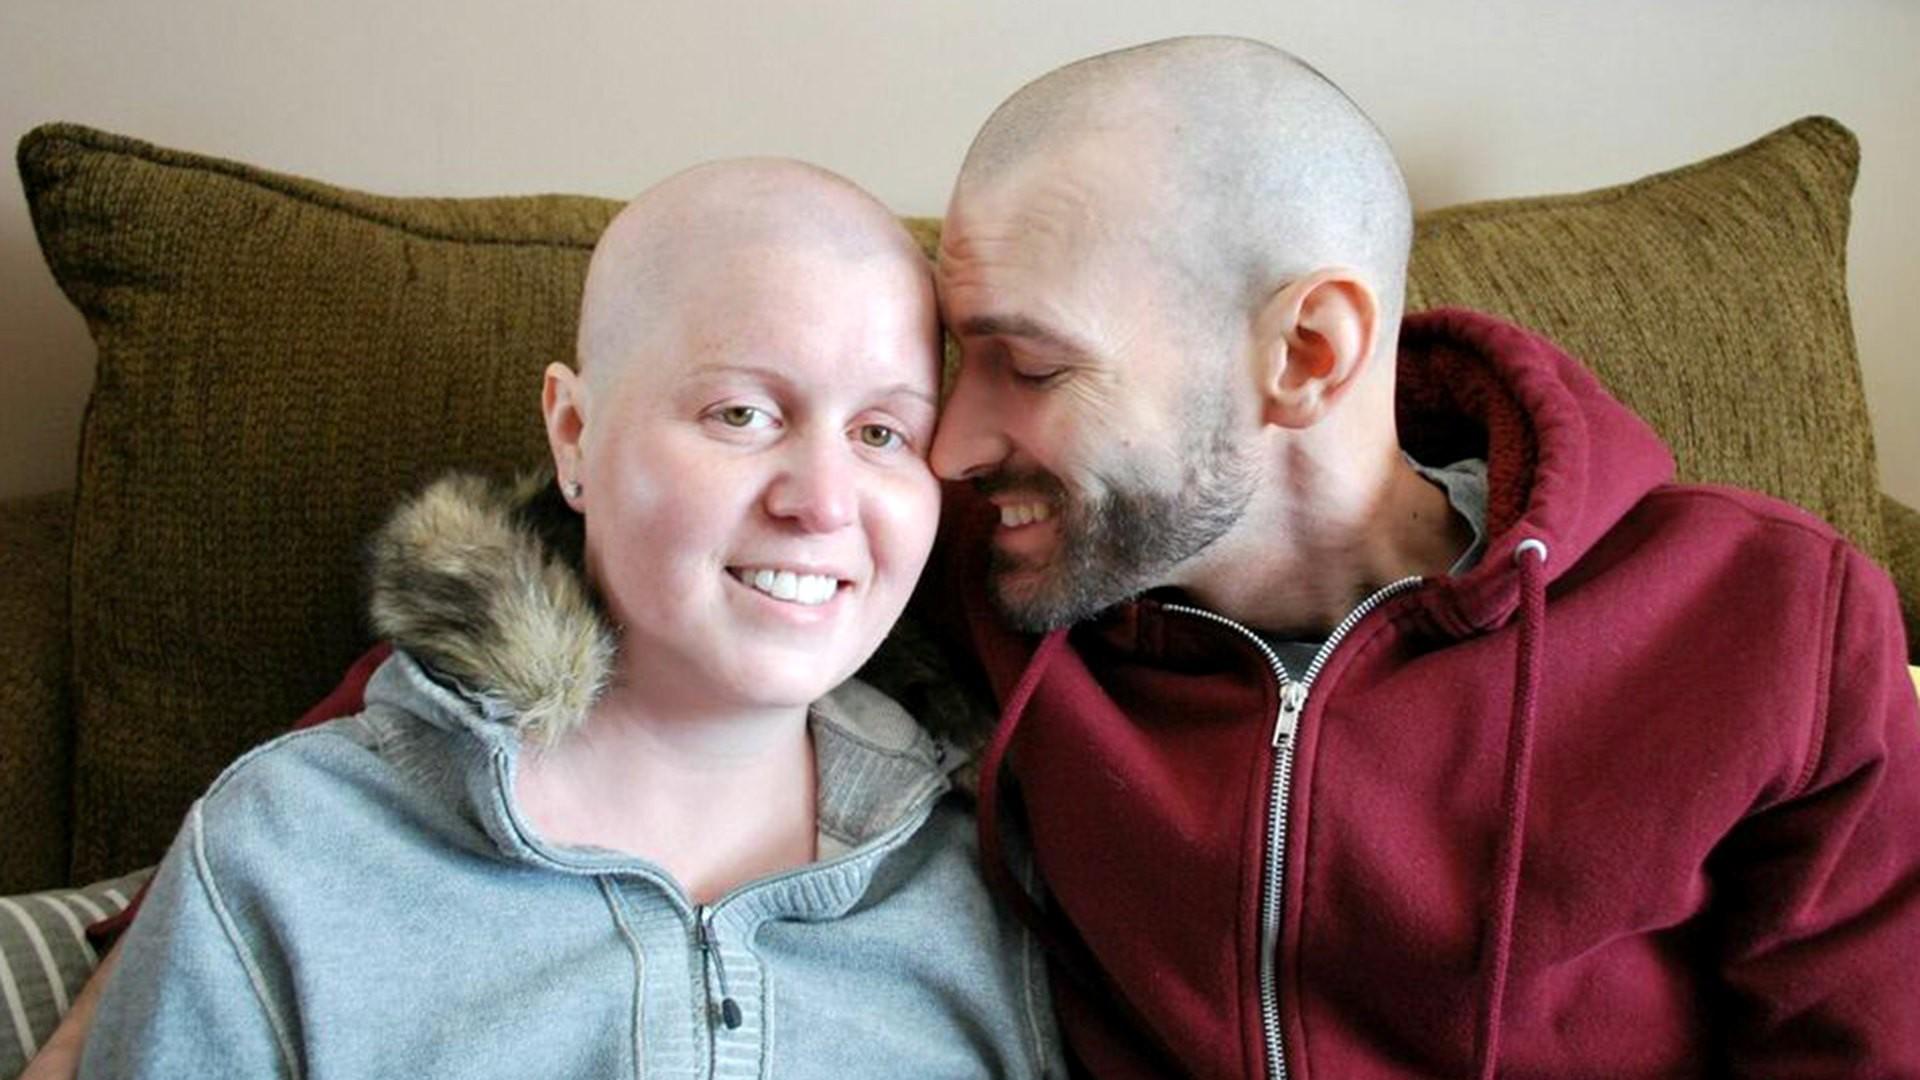 """3 loại """"ung thư cặp đôi"""" nguy hiểm: Nếu vợ hoặc chồng đang mắc thì người kia buộc phải khám càng sớm càng tốt - Ảnh 1"""